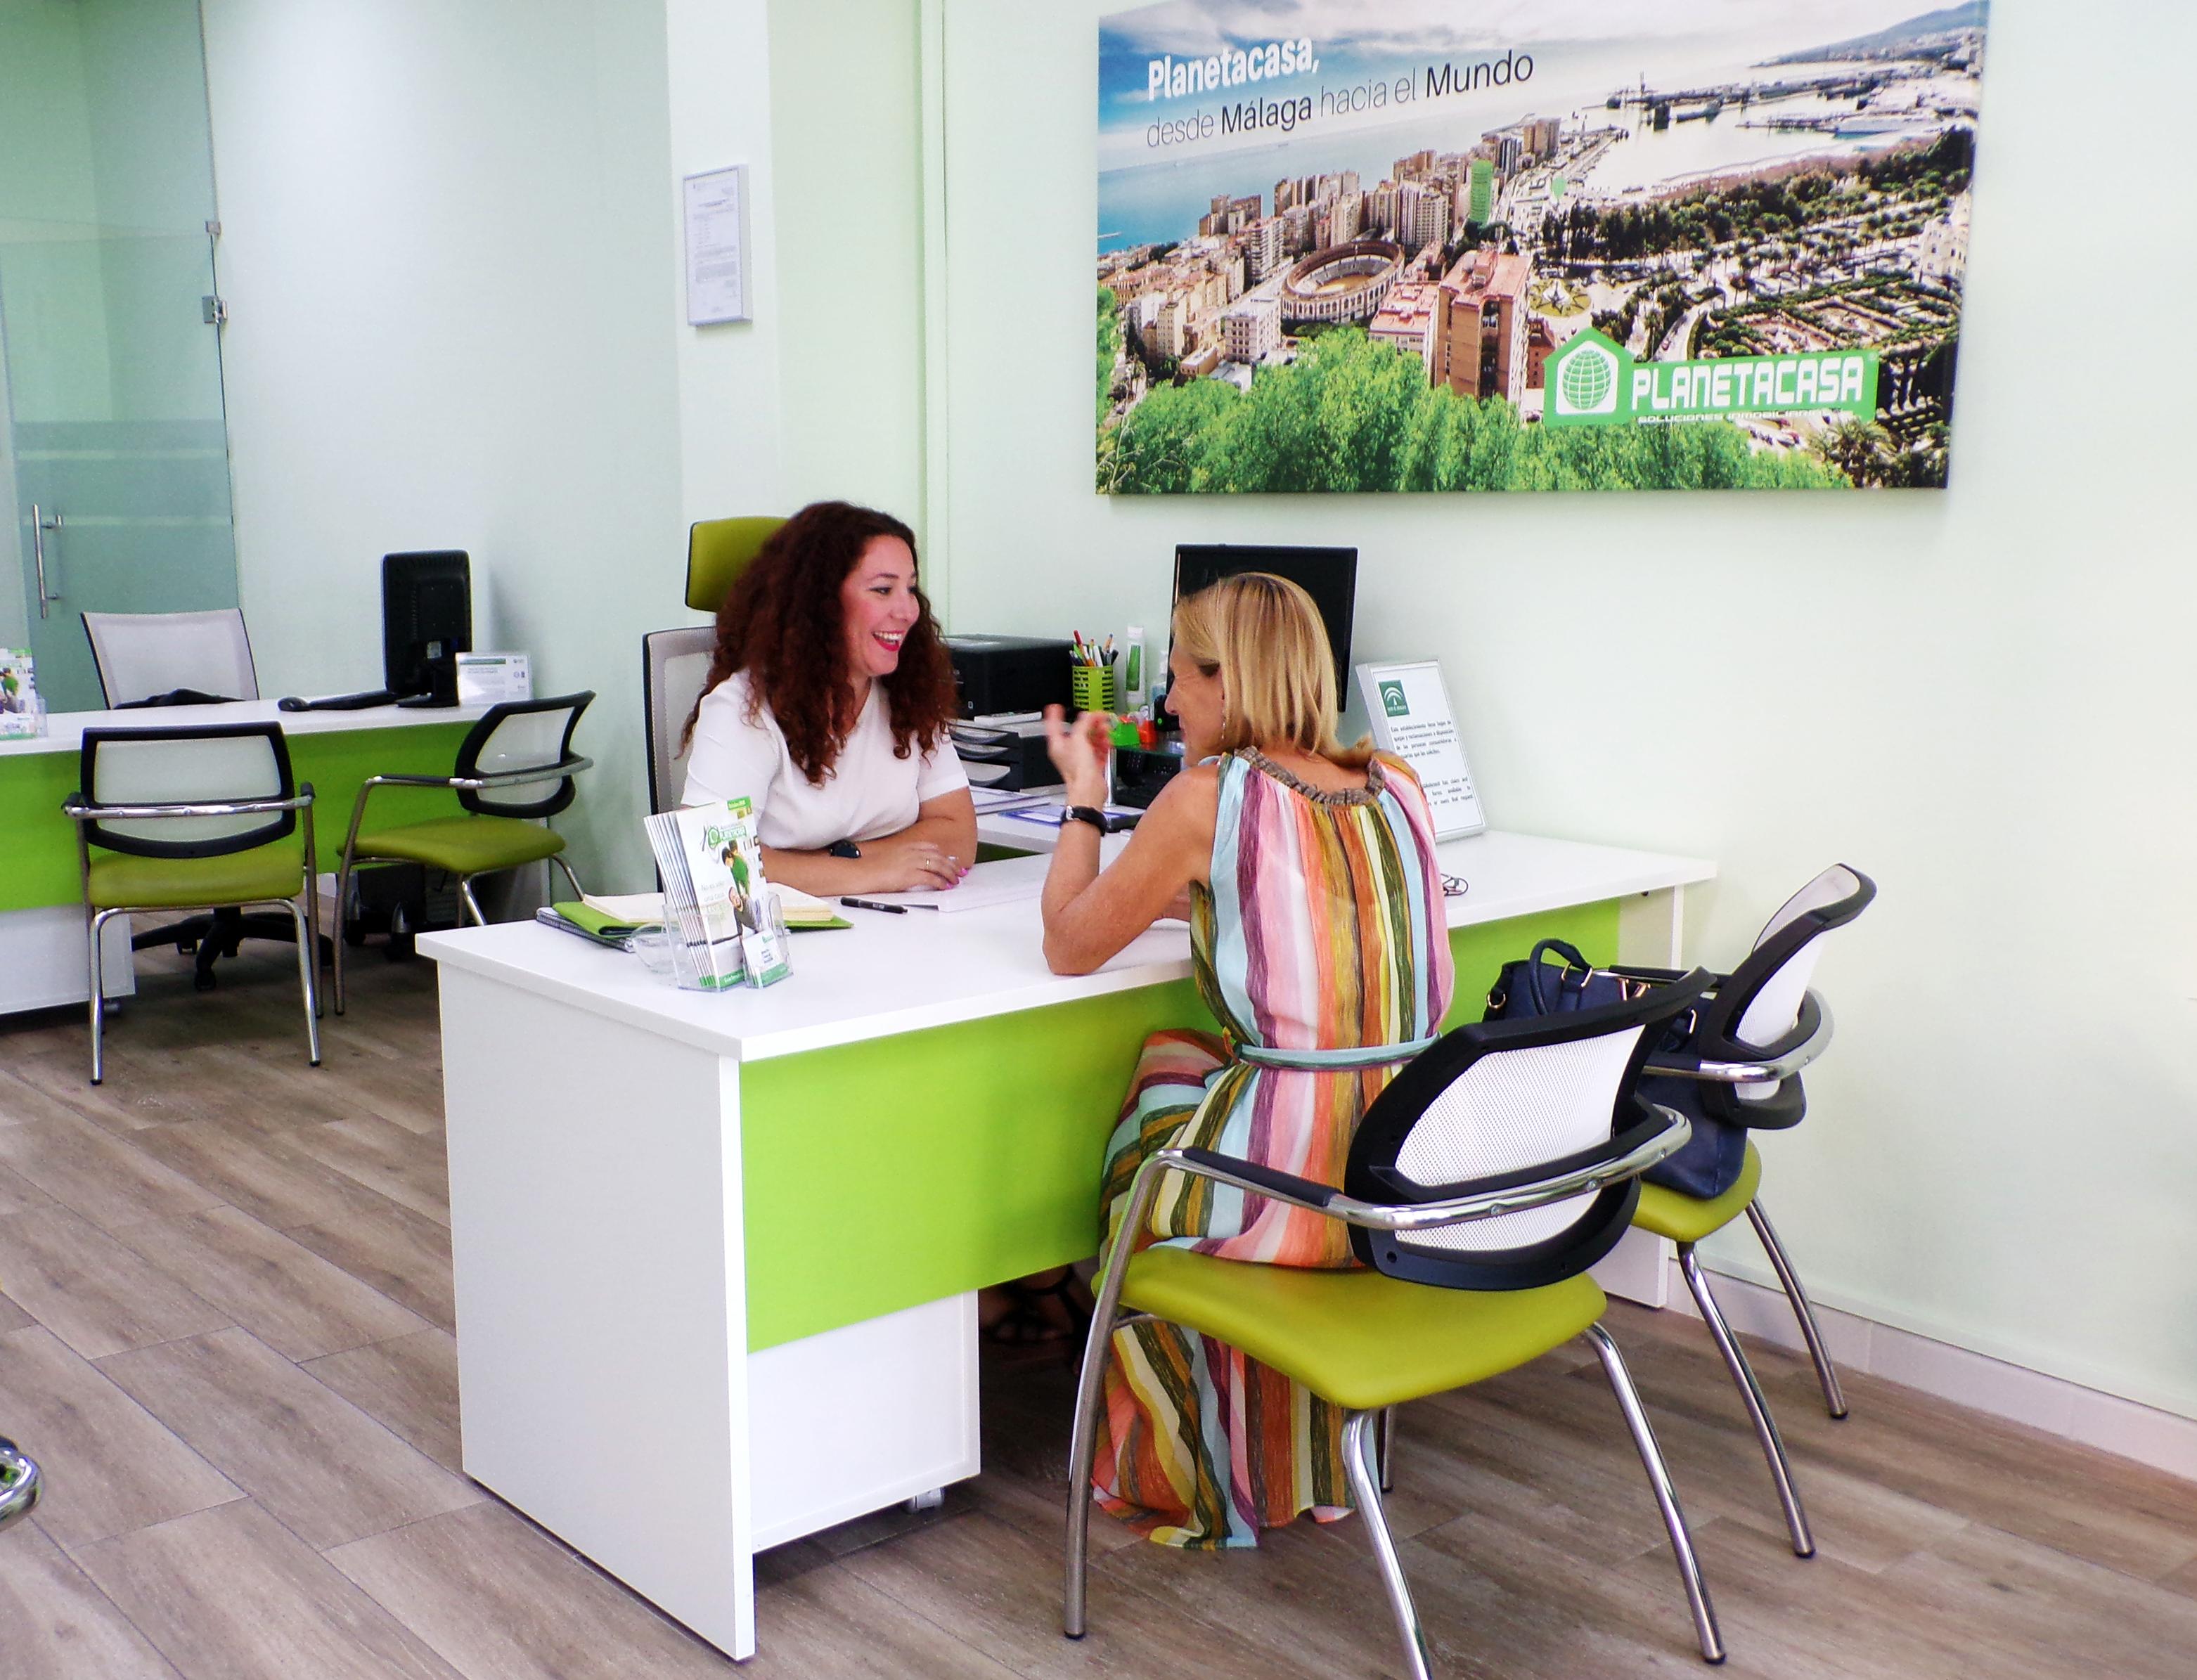 experiencia de cliente oficina El Palo Planetacasa inmobiliaria Málaga